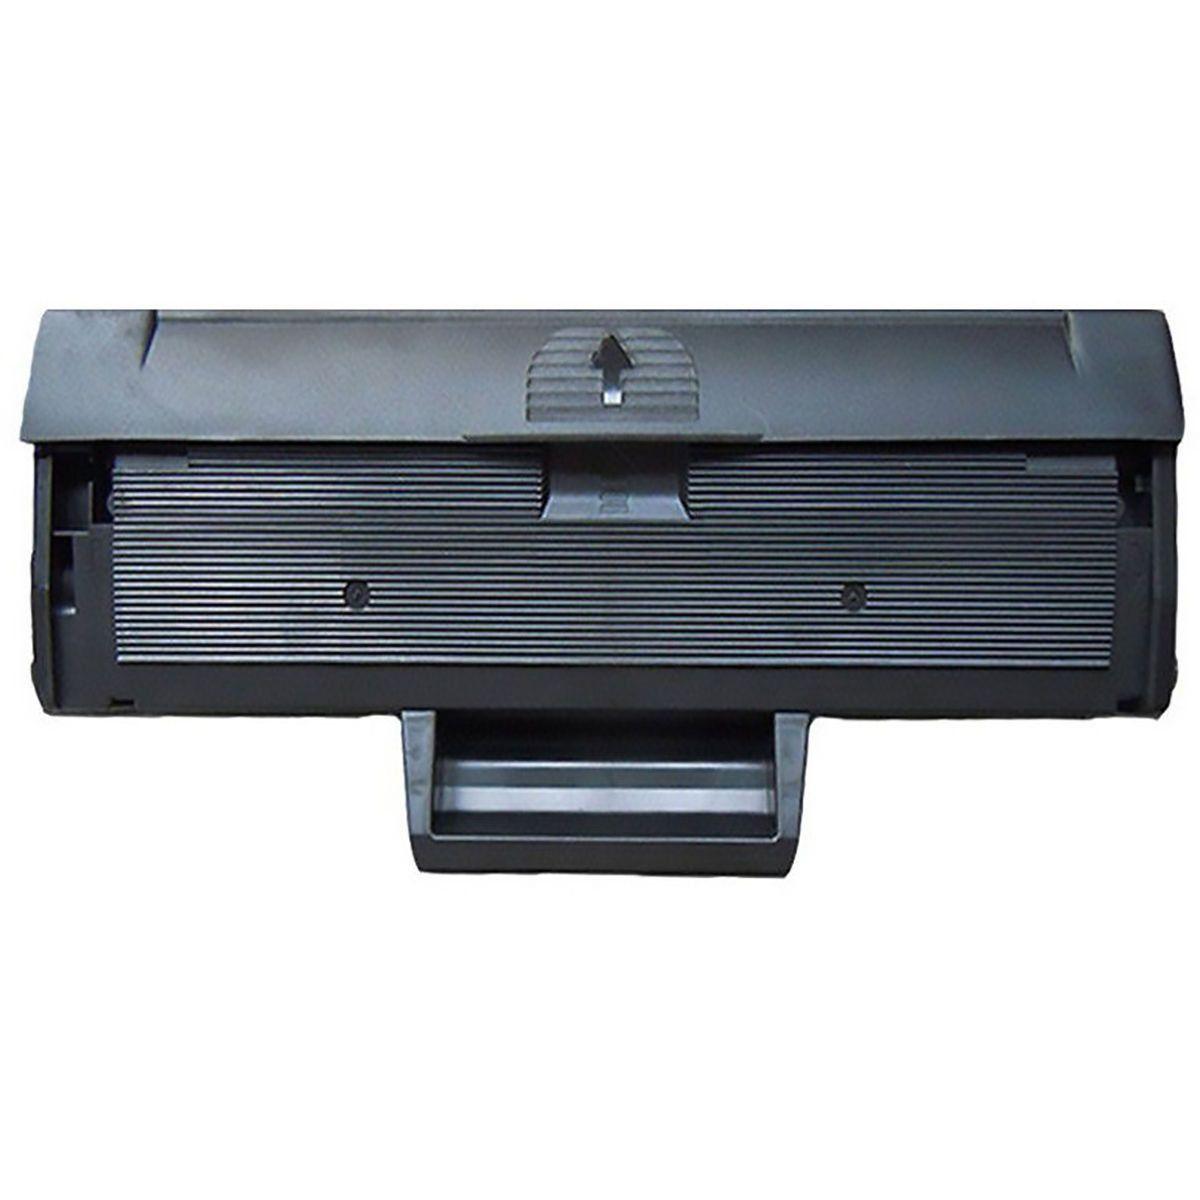 Compatível: Toner D111 MLT-D111S para Samsung M2020 M2020w M2020fw M2022 M2022w M2070 M2070w M2070fw / Preto / 1.000